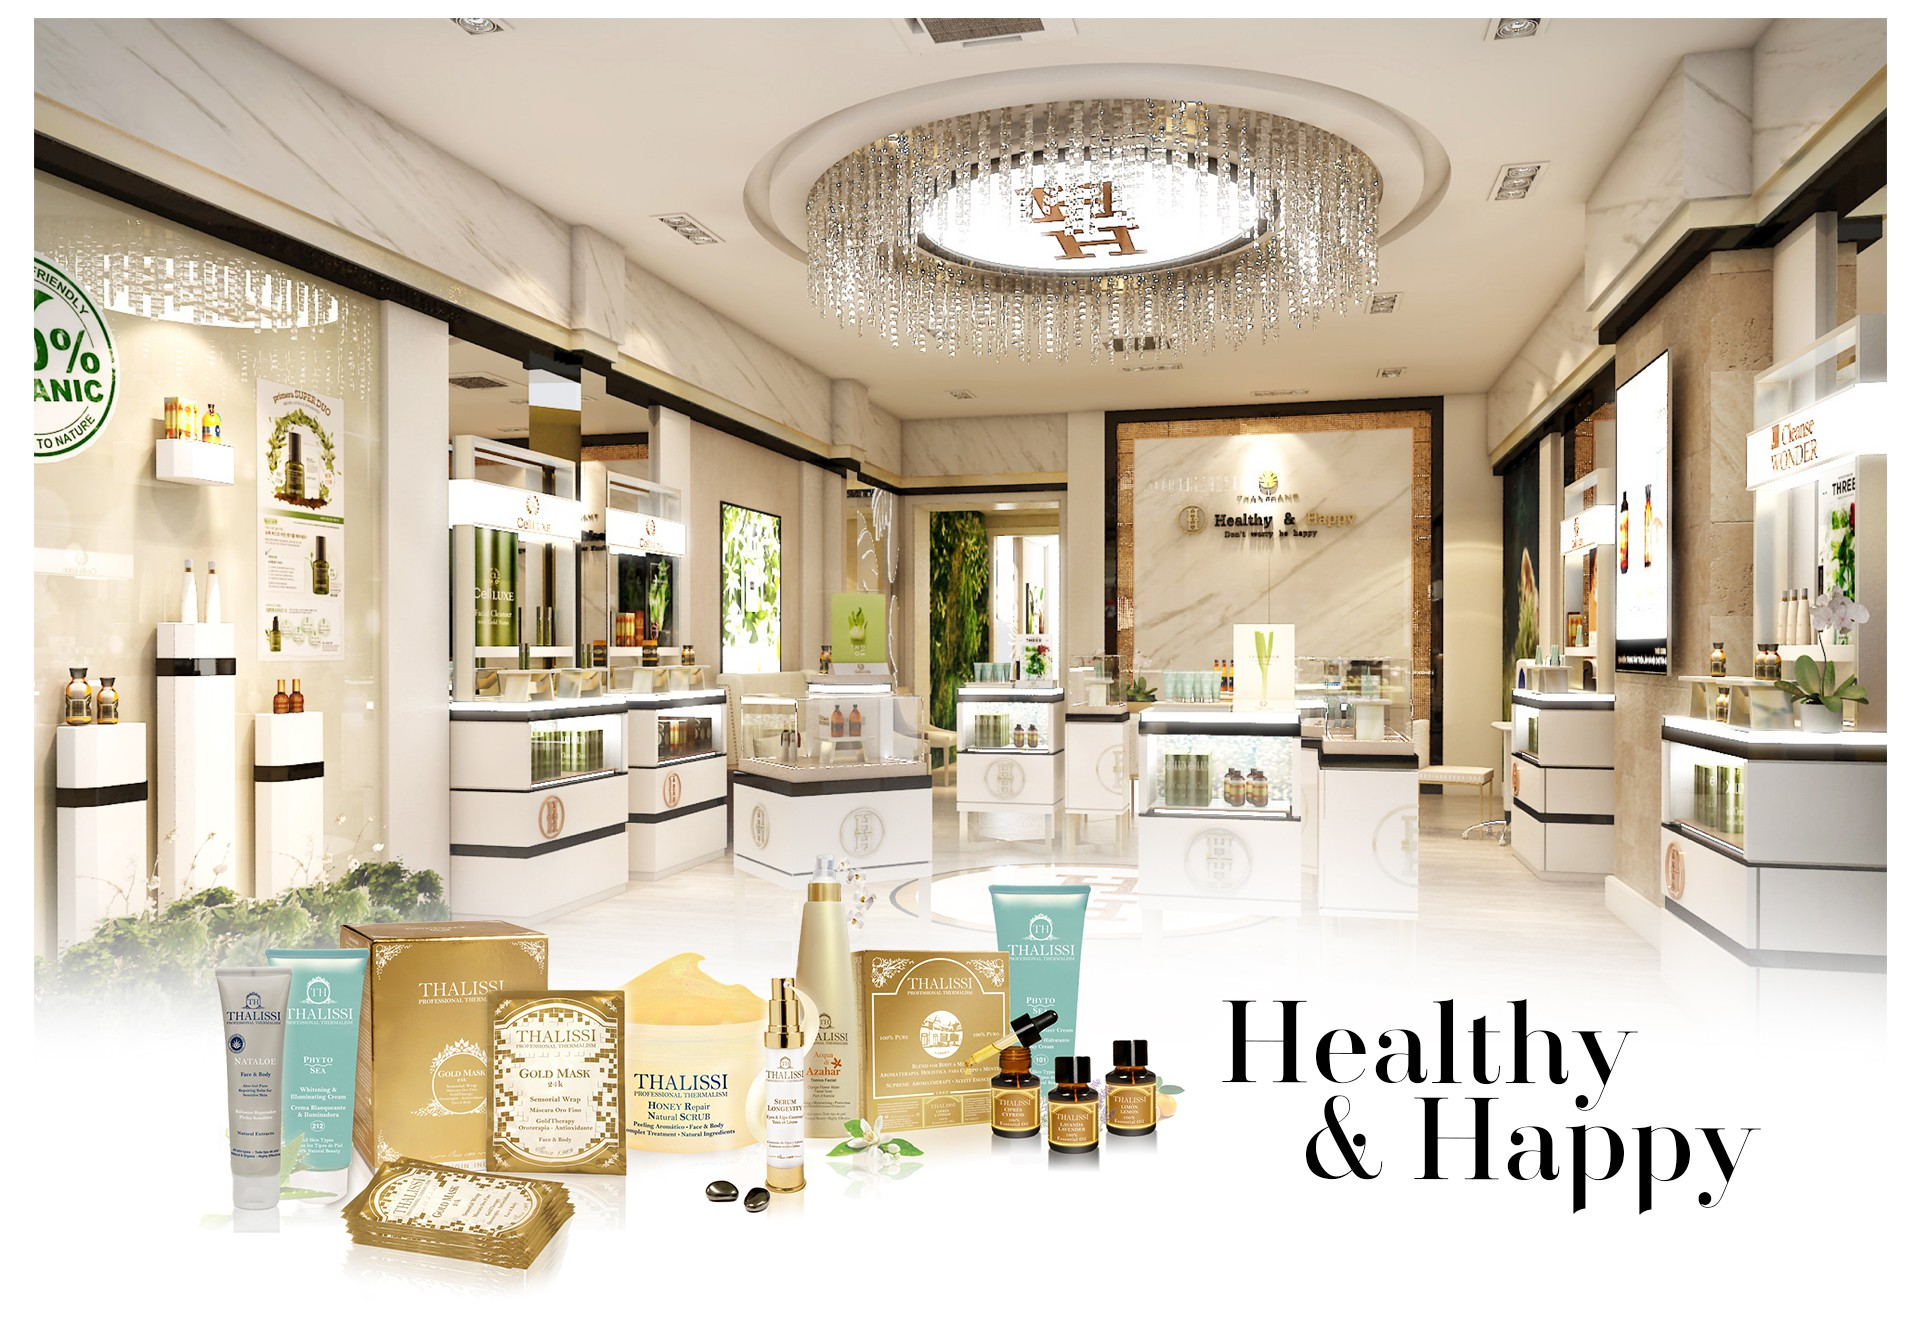 CEO Thanh Hằng Beauty Medi và quyết tâm tạo dựng chuỗi sản phẩm, dịch vụ làm đẹp khép kín dành cho người Việt - Ảnh 7.